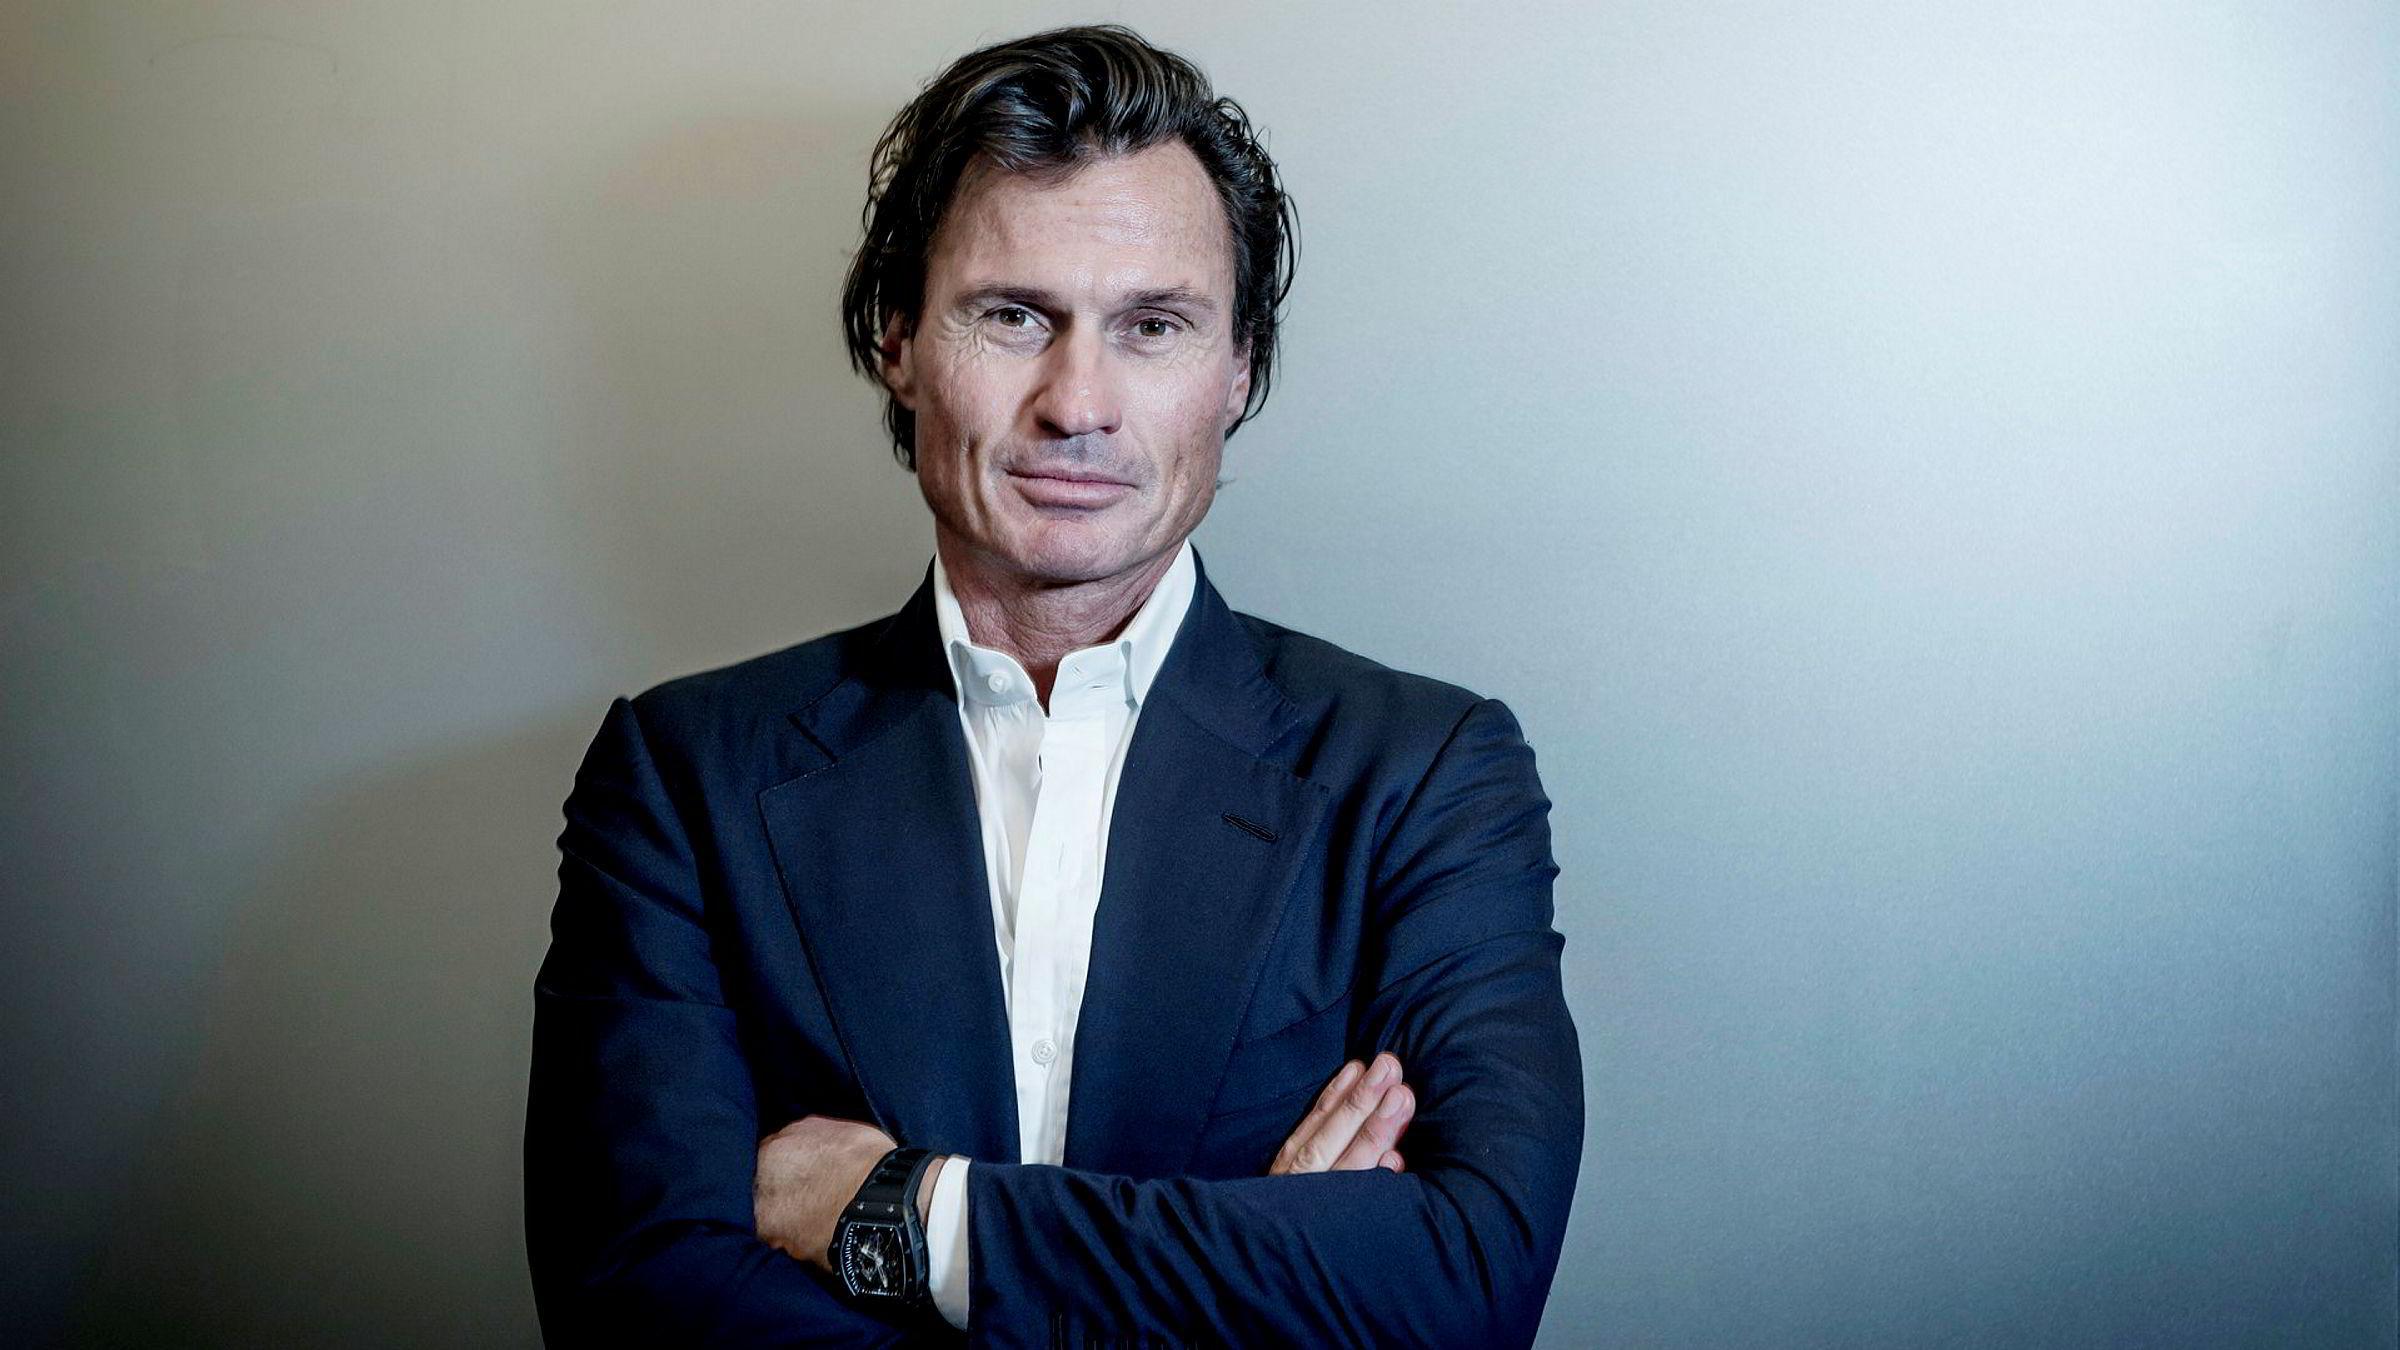 Skal staten holde hånden over milliardærer som Petter Stordalen?